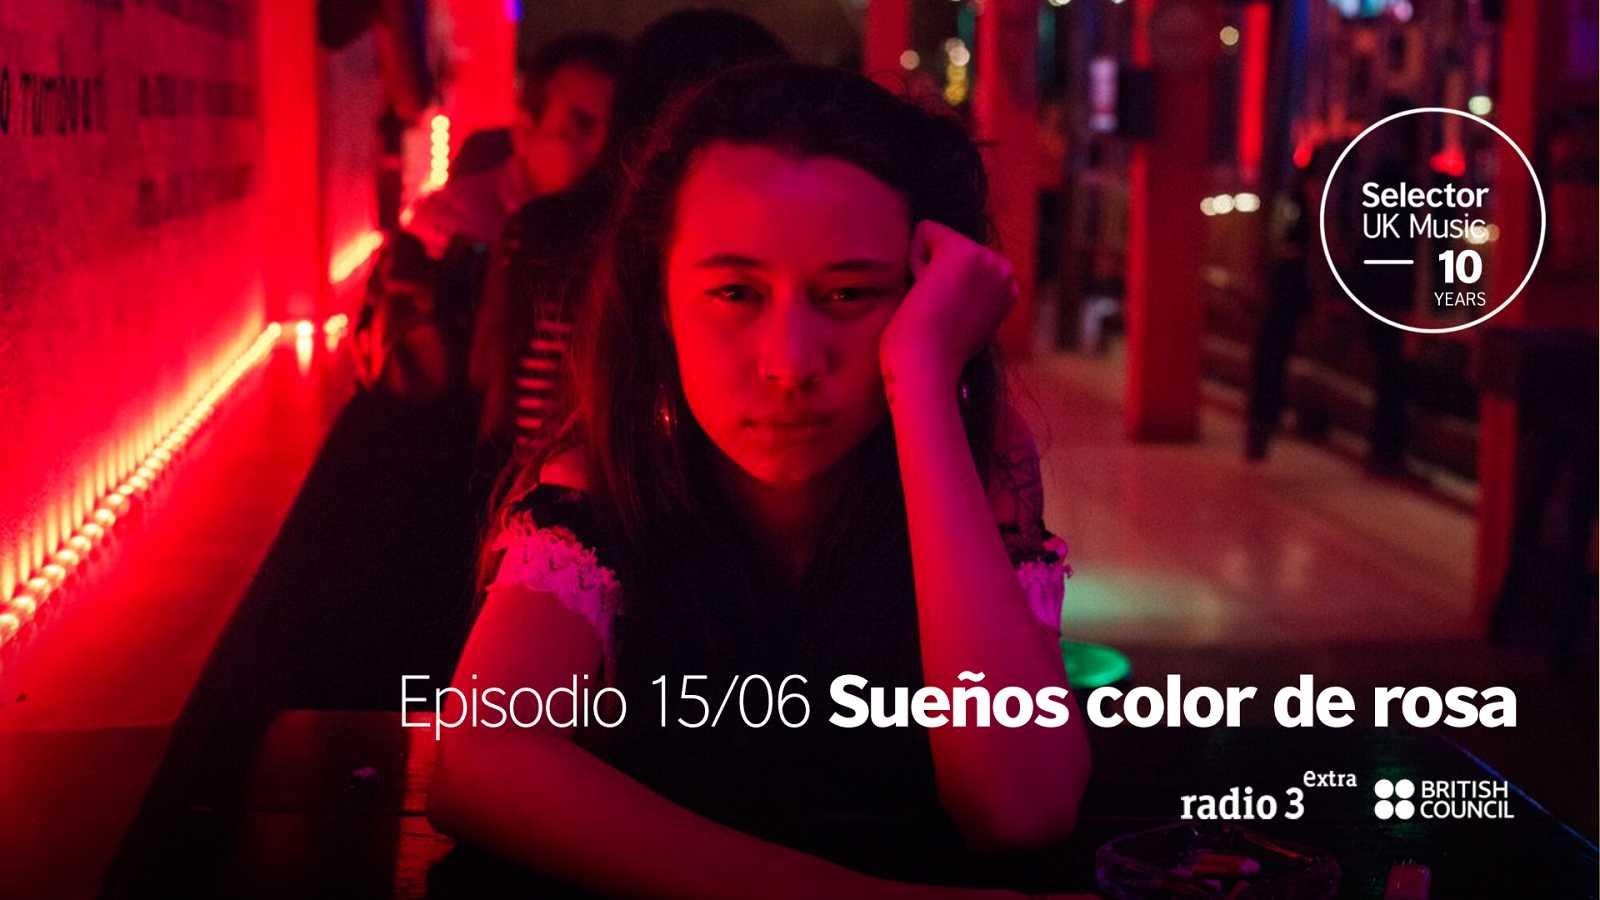 The Selector - Sueños color de rosa - Escuchar ahora